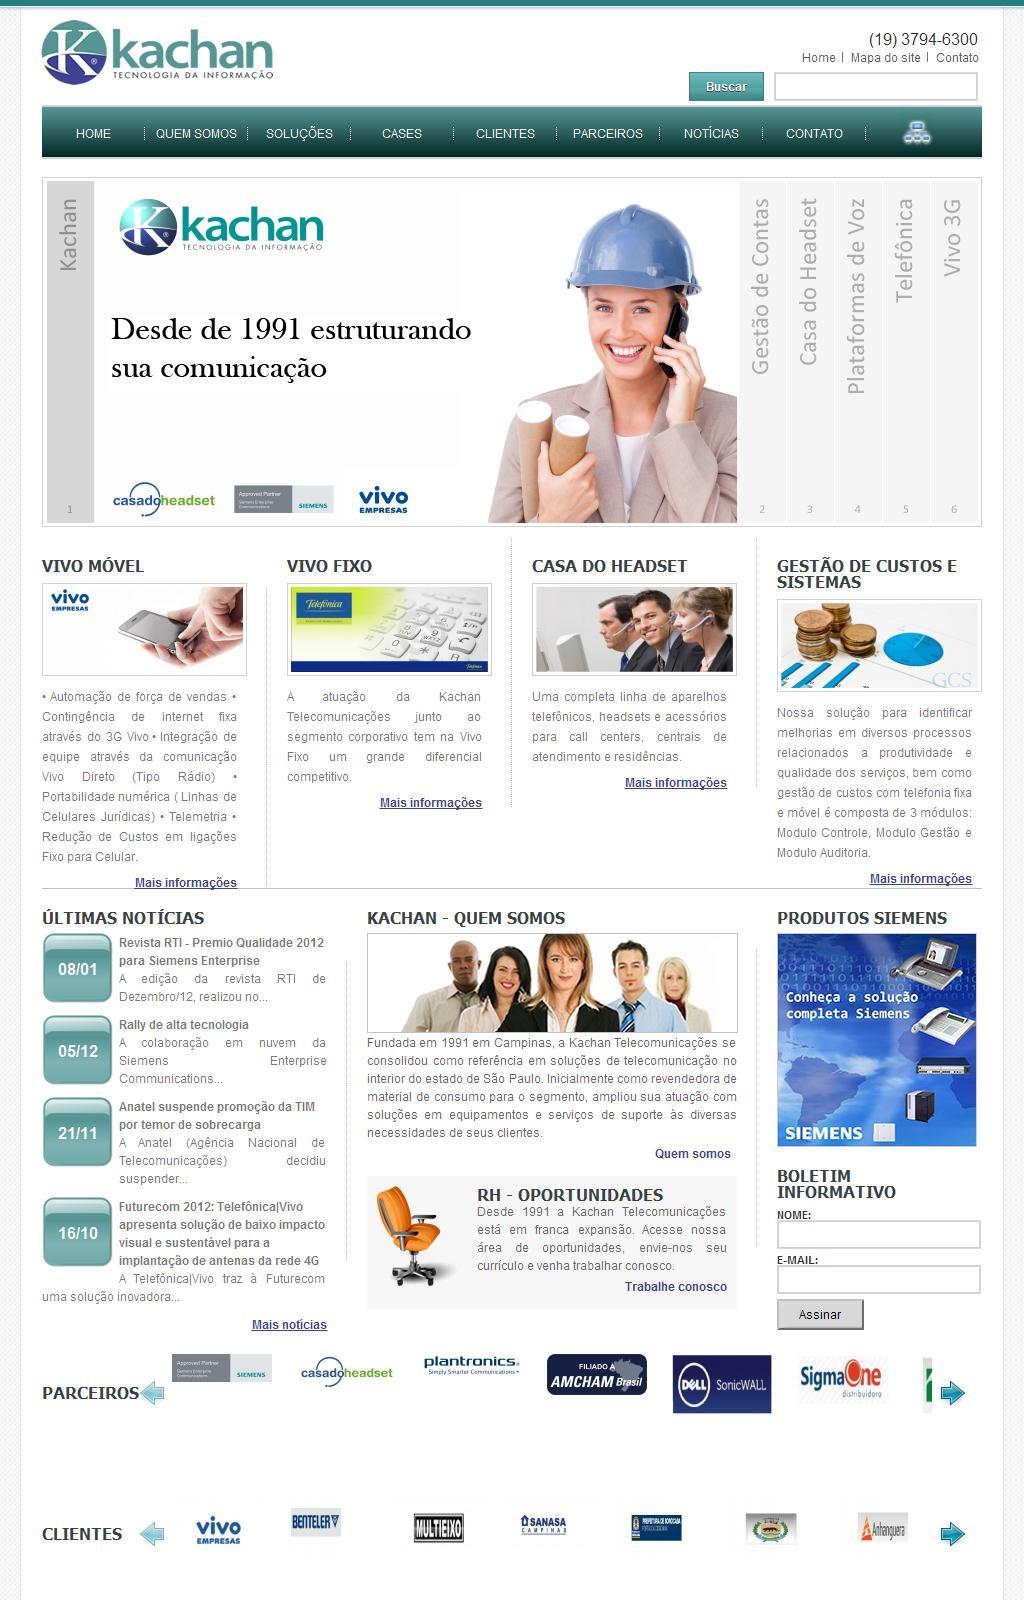 Kachan Telecomunicações Campinas